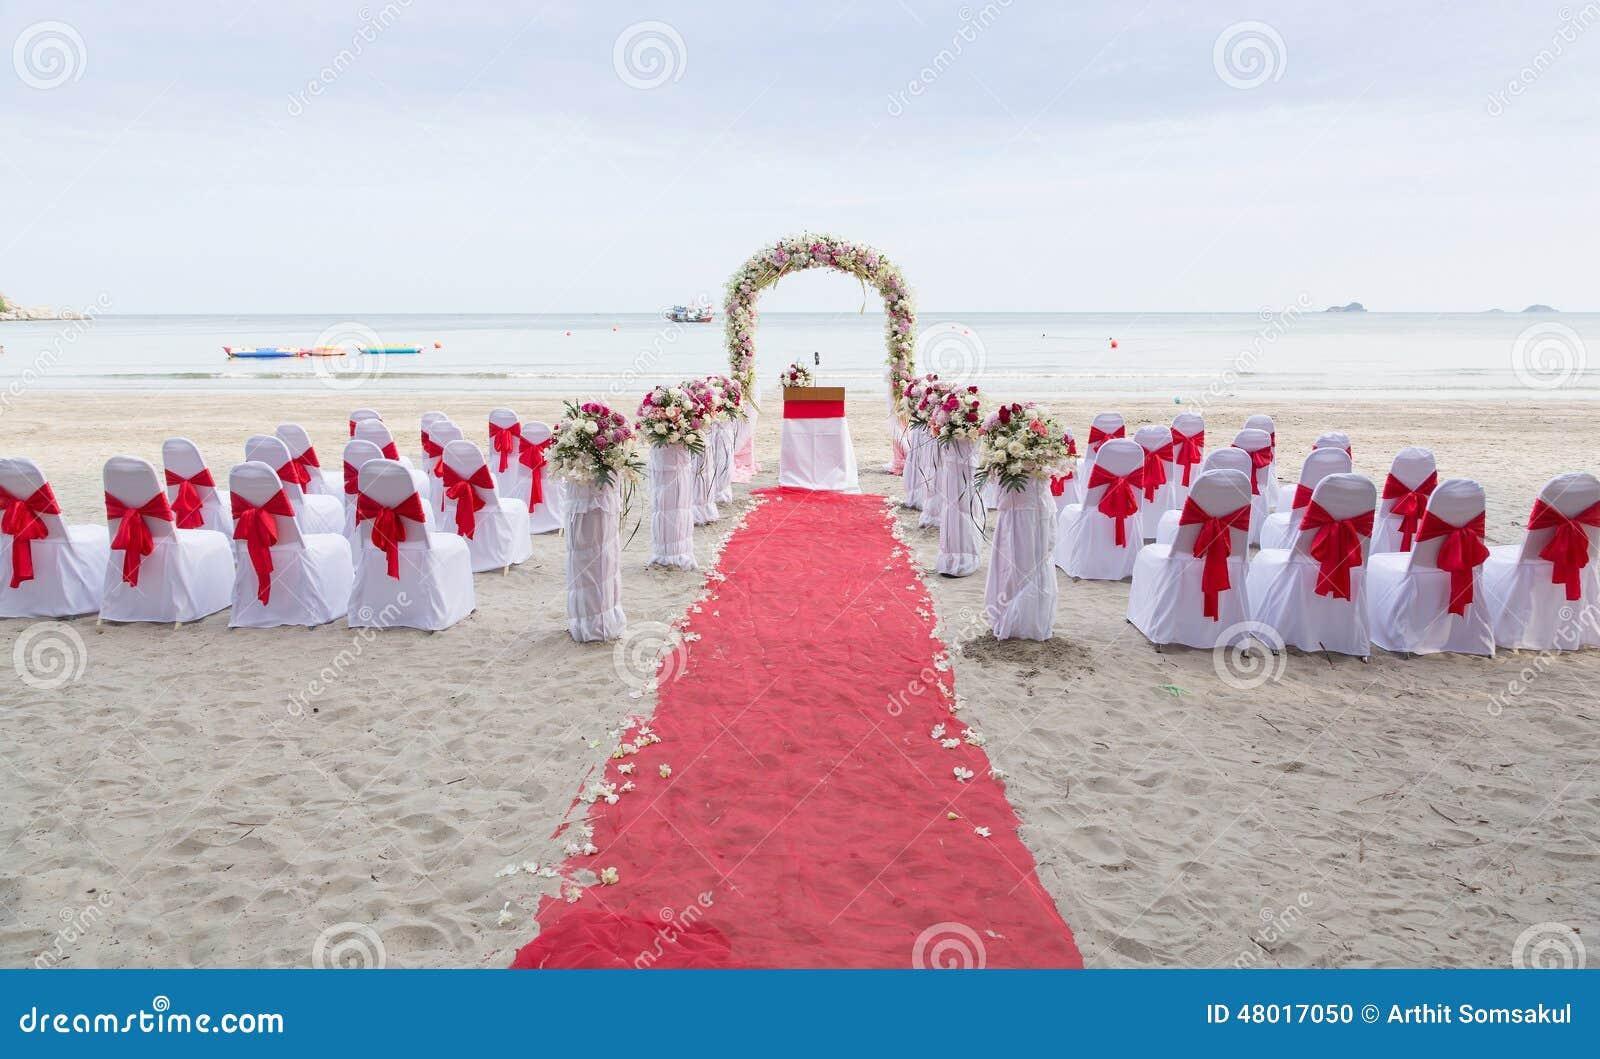 Lieu de rendez vous de mariage sur la plage photo stock image du r ception vacances 48017050 - Mariage a la plage ...